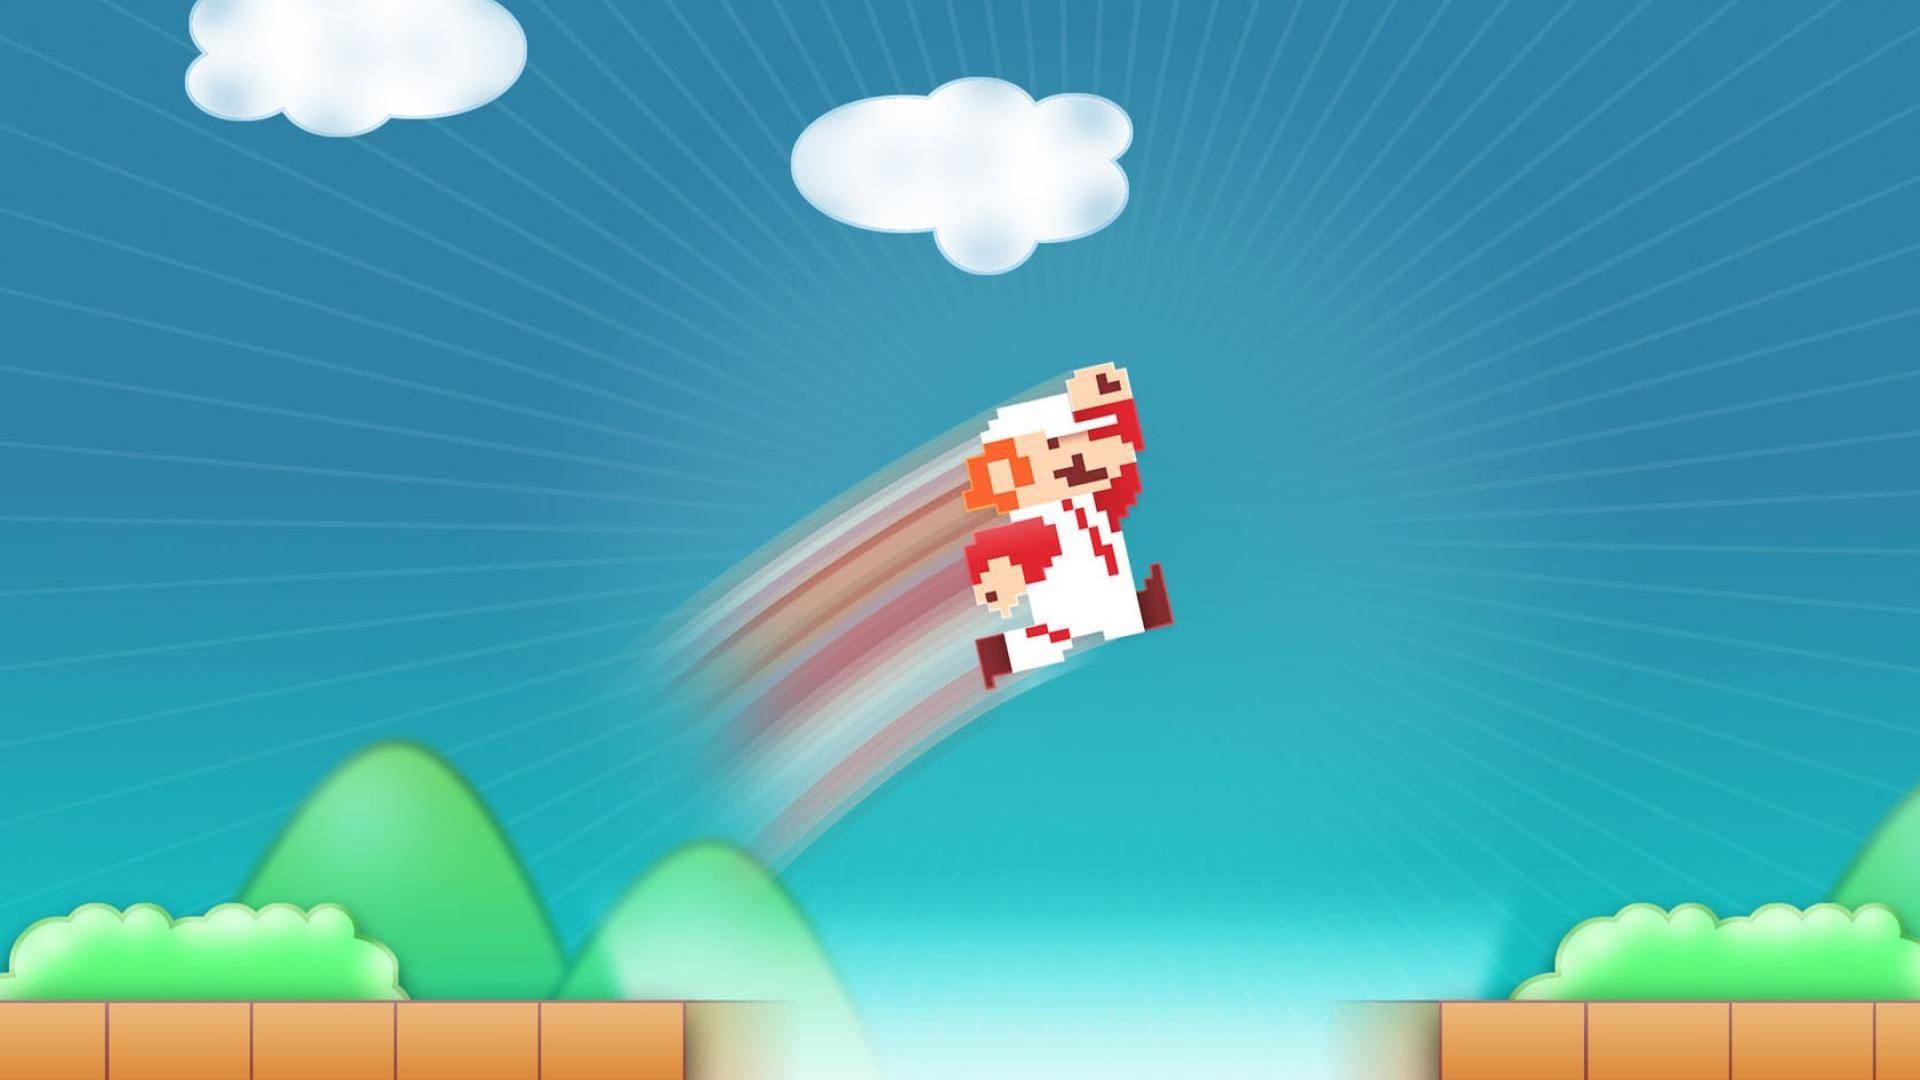 Mario bross 2d games jump widescreen hd wallpaper wallpaper mario bross 2d games jump widescreen hd wallpaper wallpaper voltagebd Images